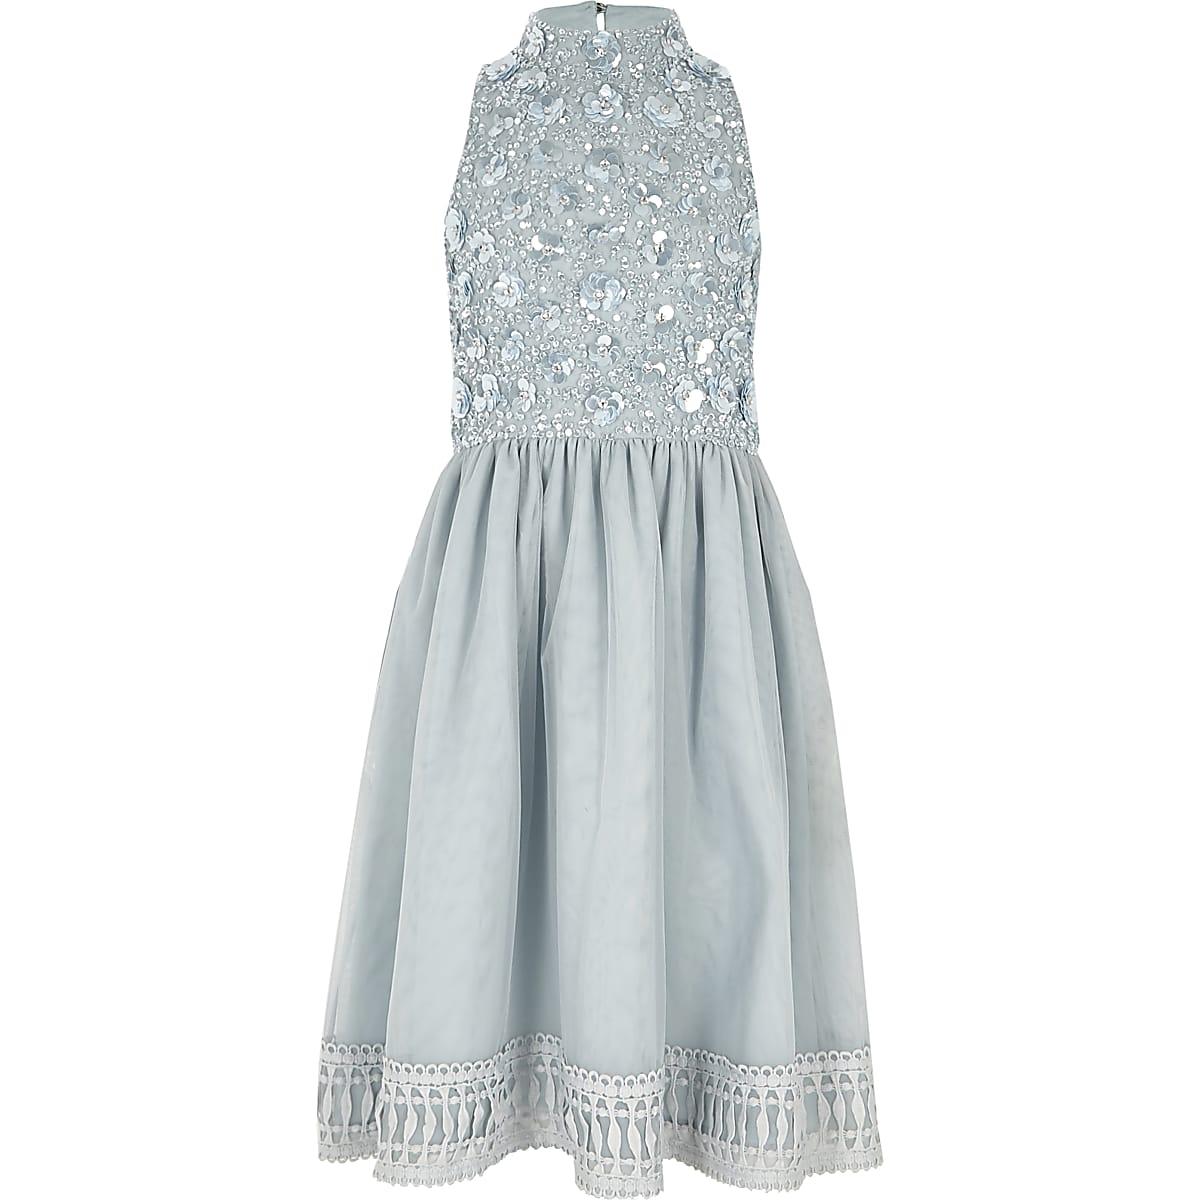 Blauwe verfraaide jurk voor bruidsmeisjes